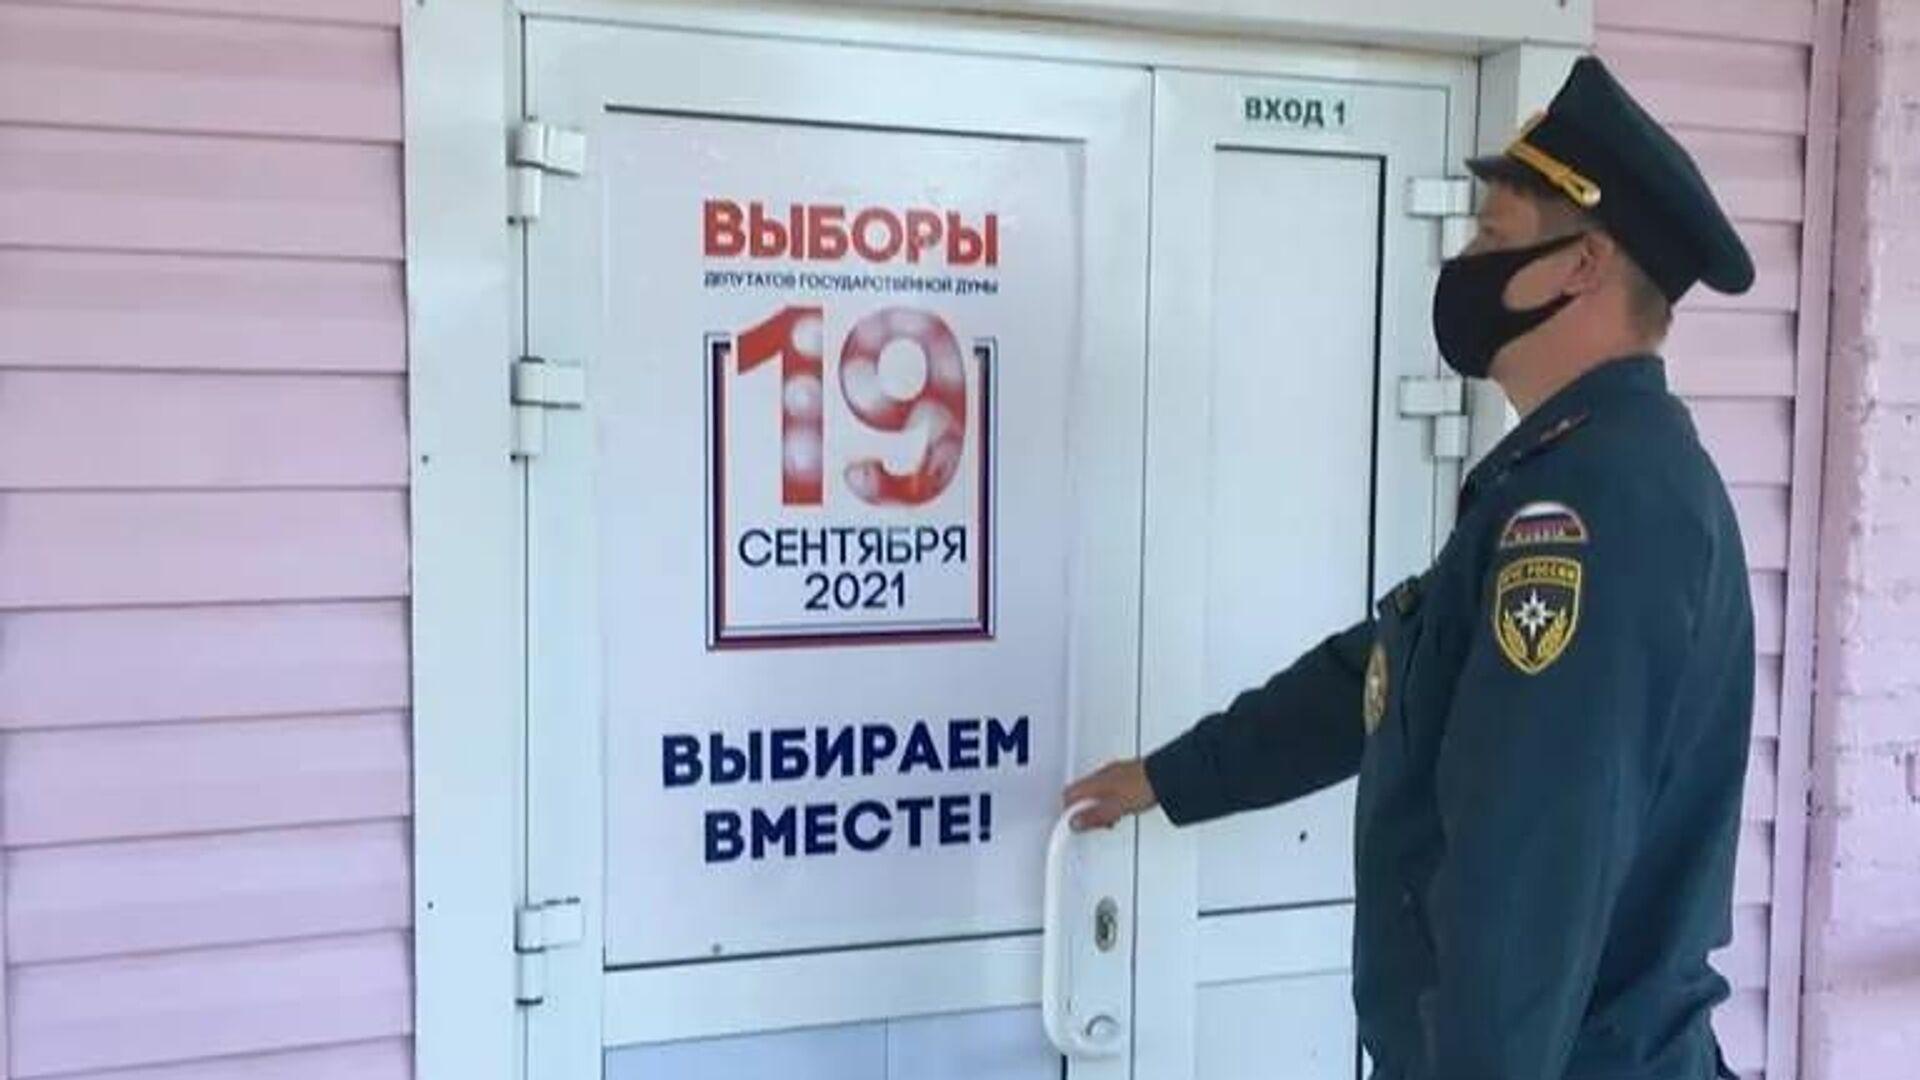 Сотрудники МЧС обеспечат безопасность единого дня голосования - РИА Новости, 1920, 16.09.2021